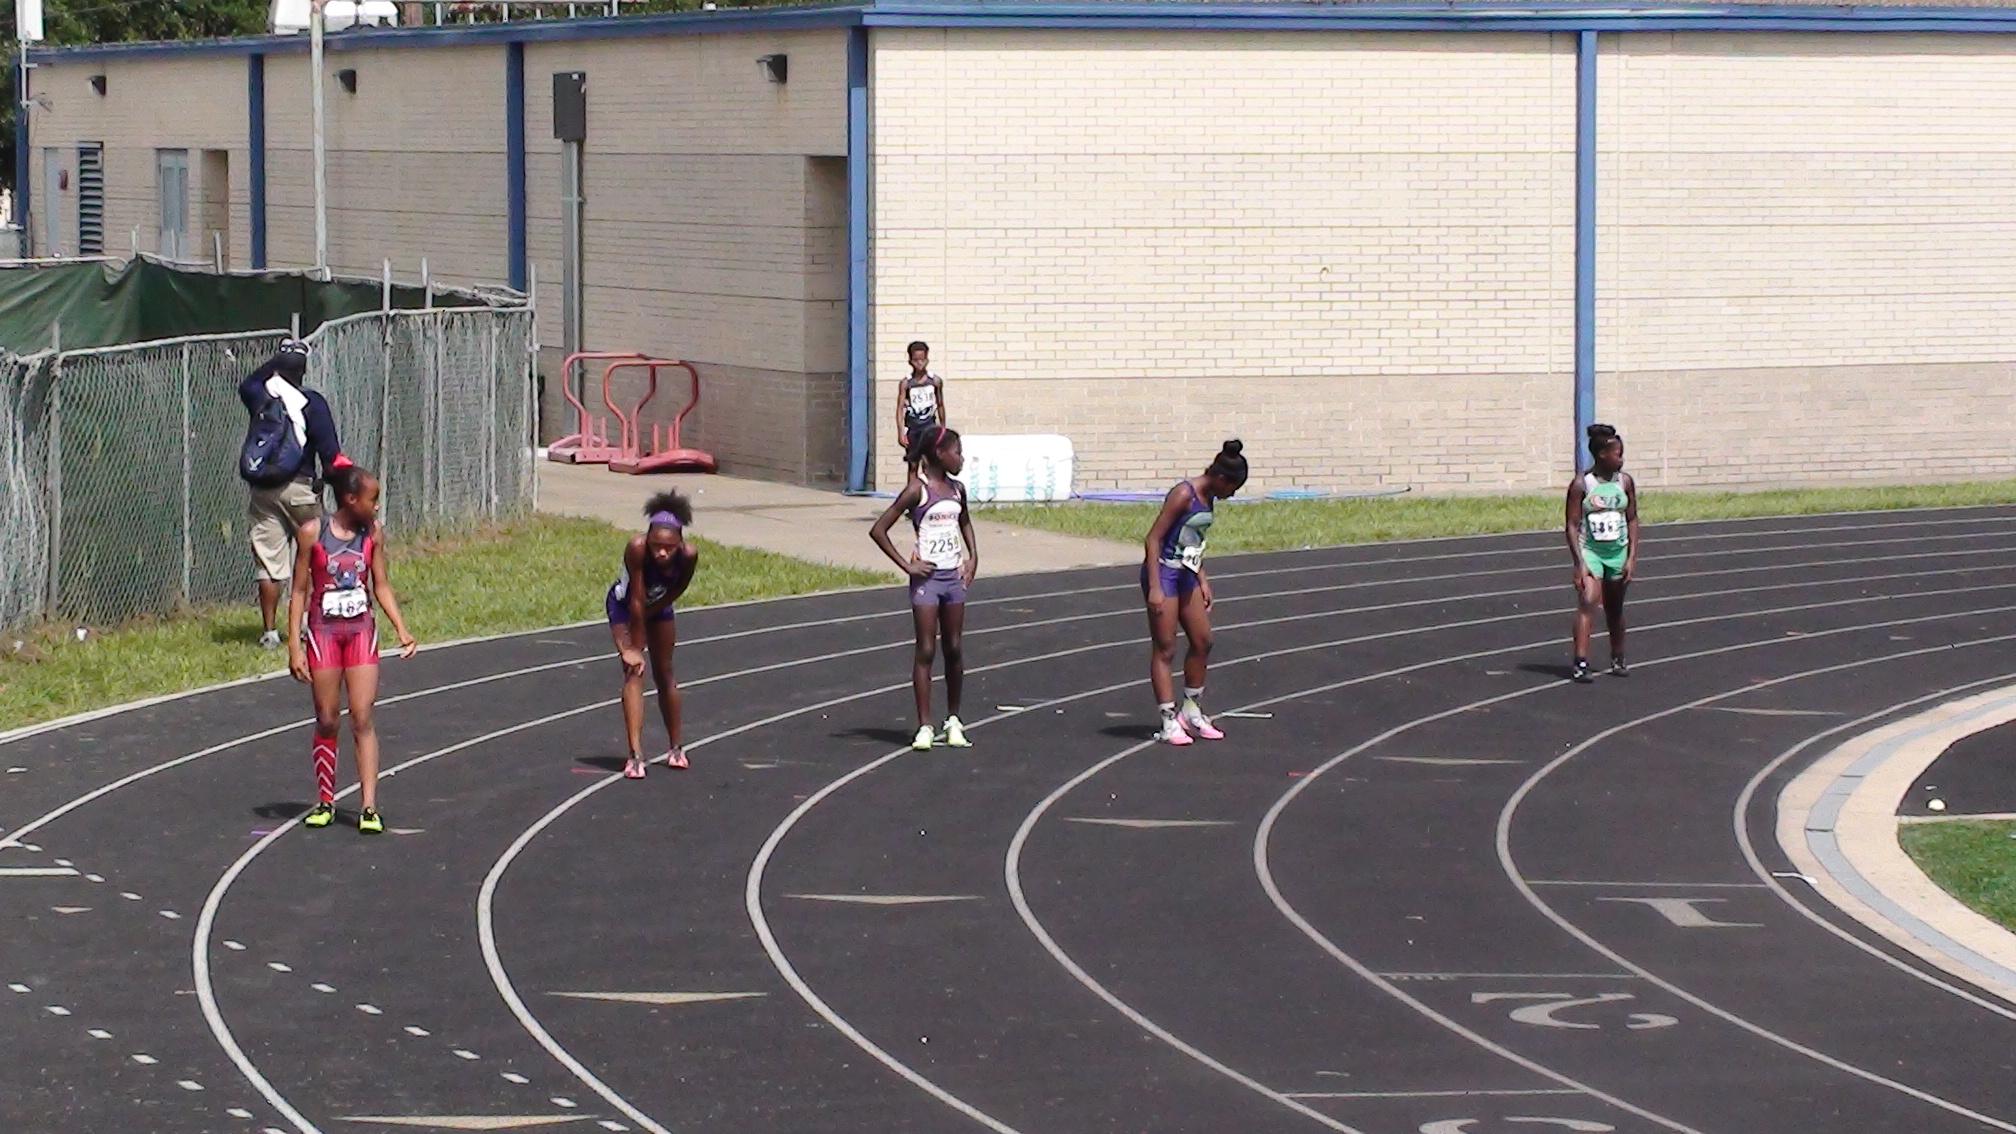 Hannah on the 4x100 relay